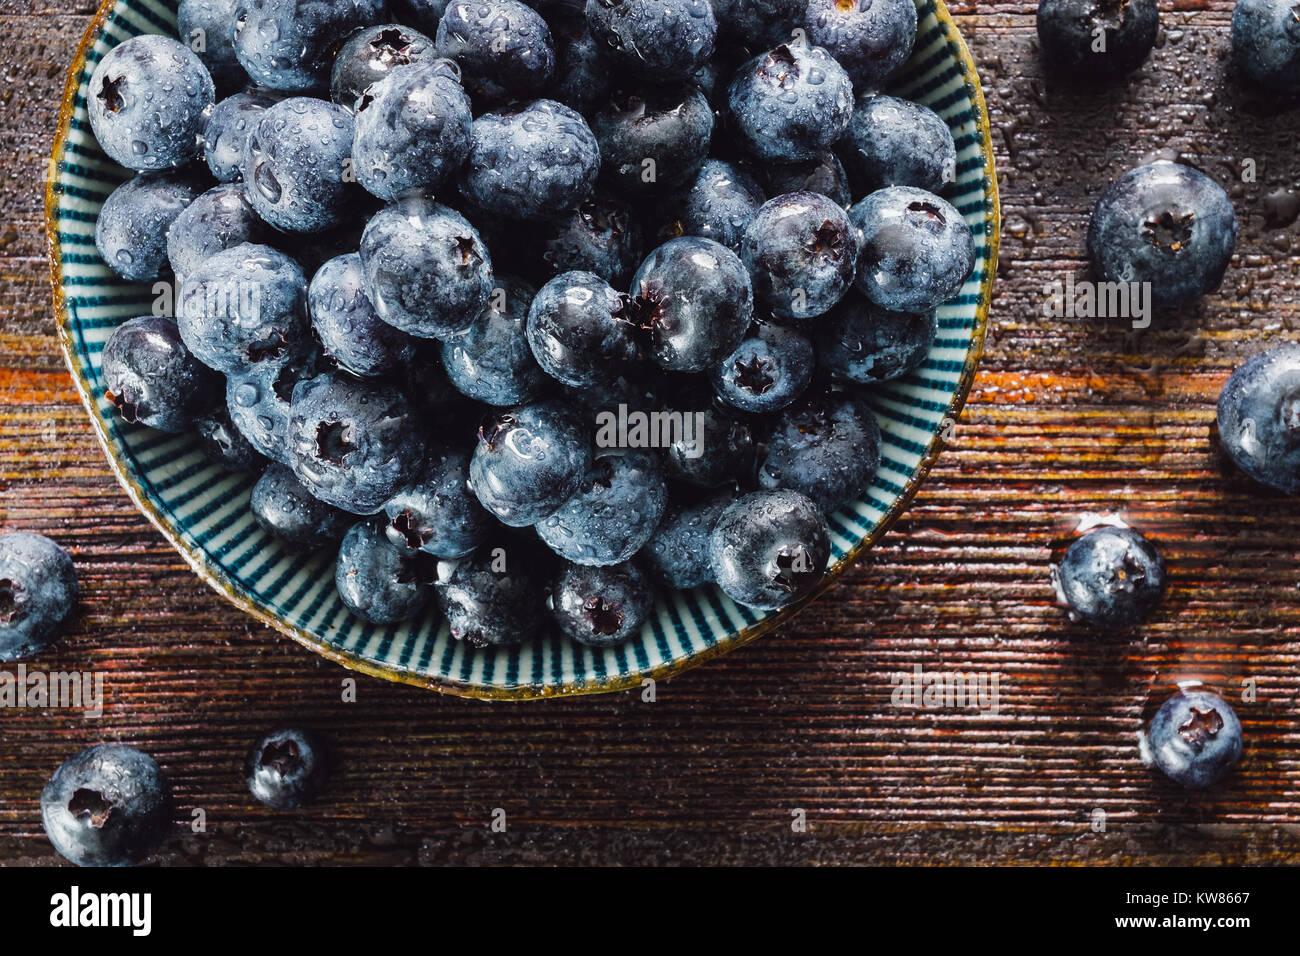 Arándanos frescos lavados en tabla oscura Imagen De Stock